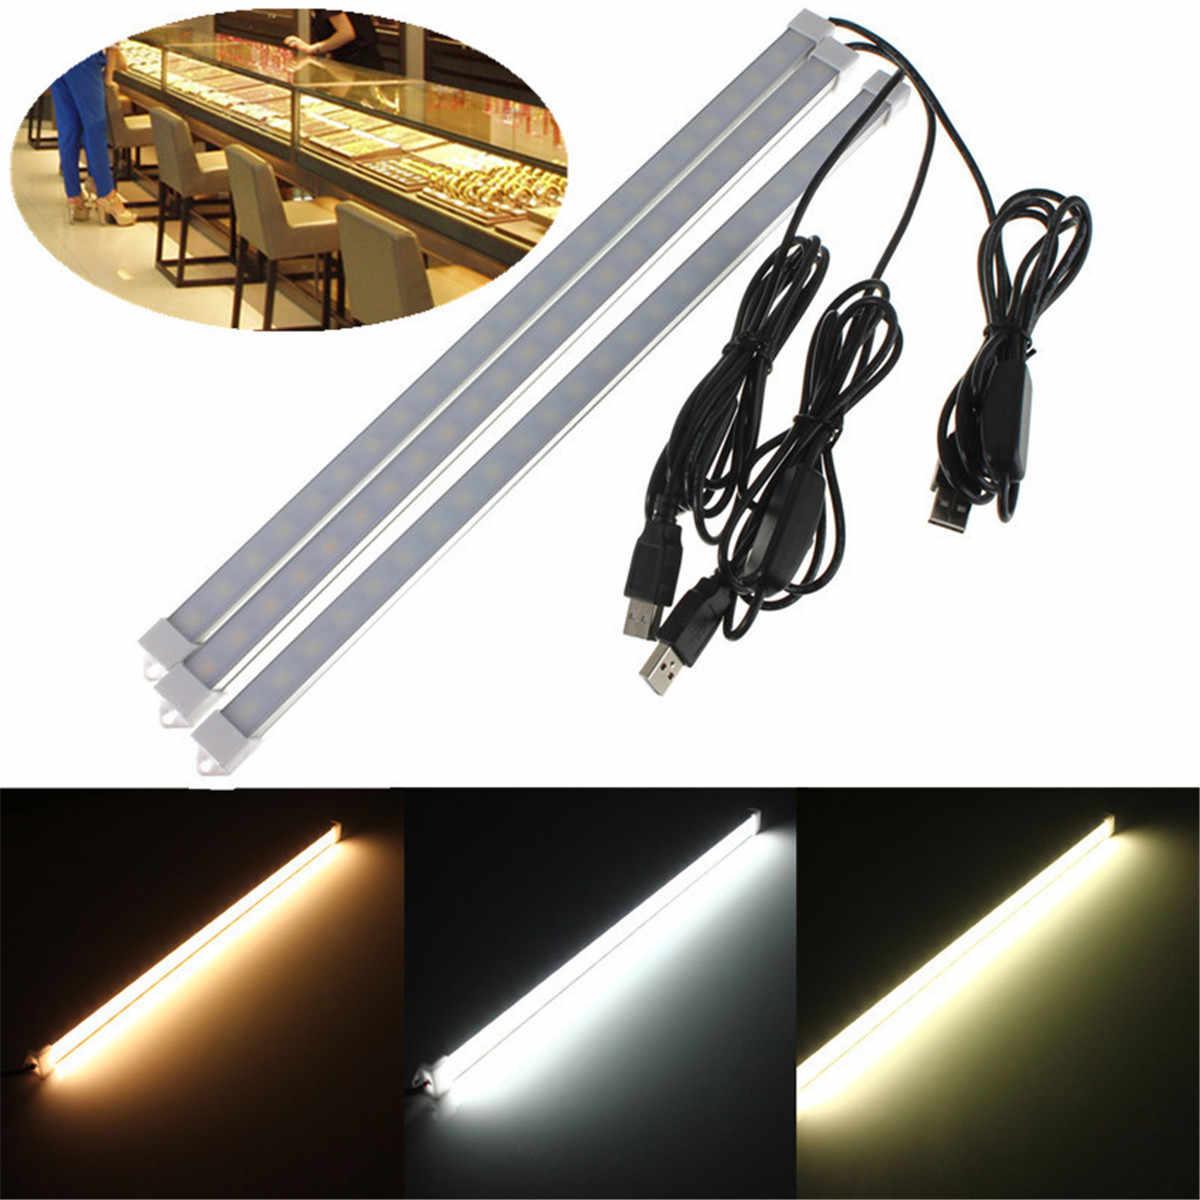 Светодиодный светильник 5 в USB 35 см 7 Вт 24 SMD 5630 теплый белый/натуральный белый/чистый белый для кемпинга настольного освещения